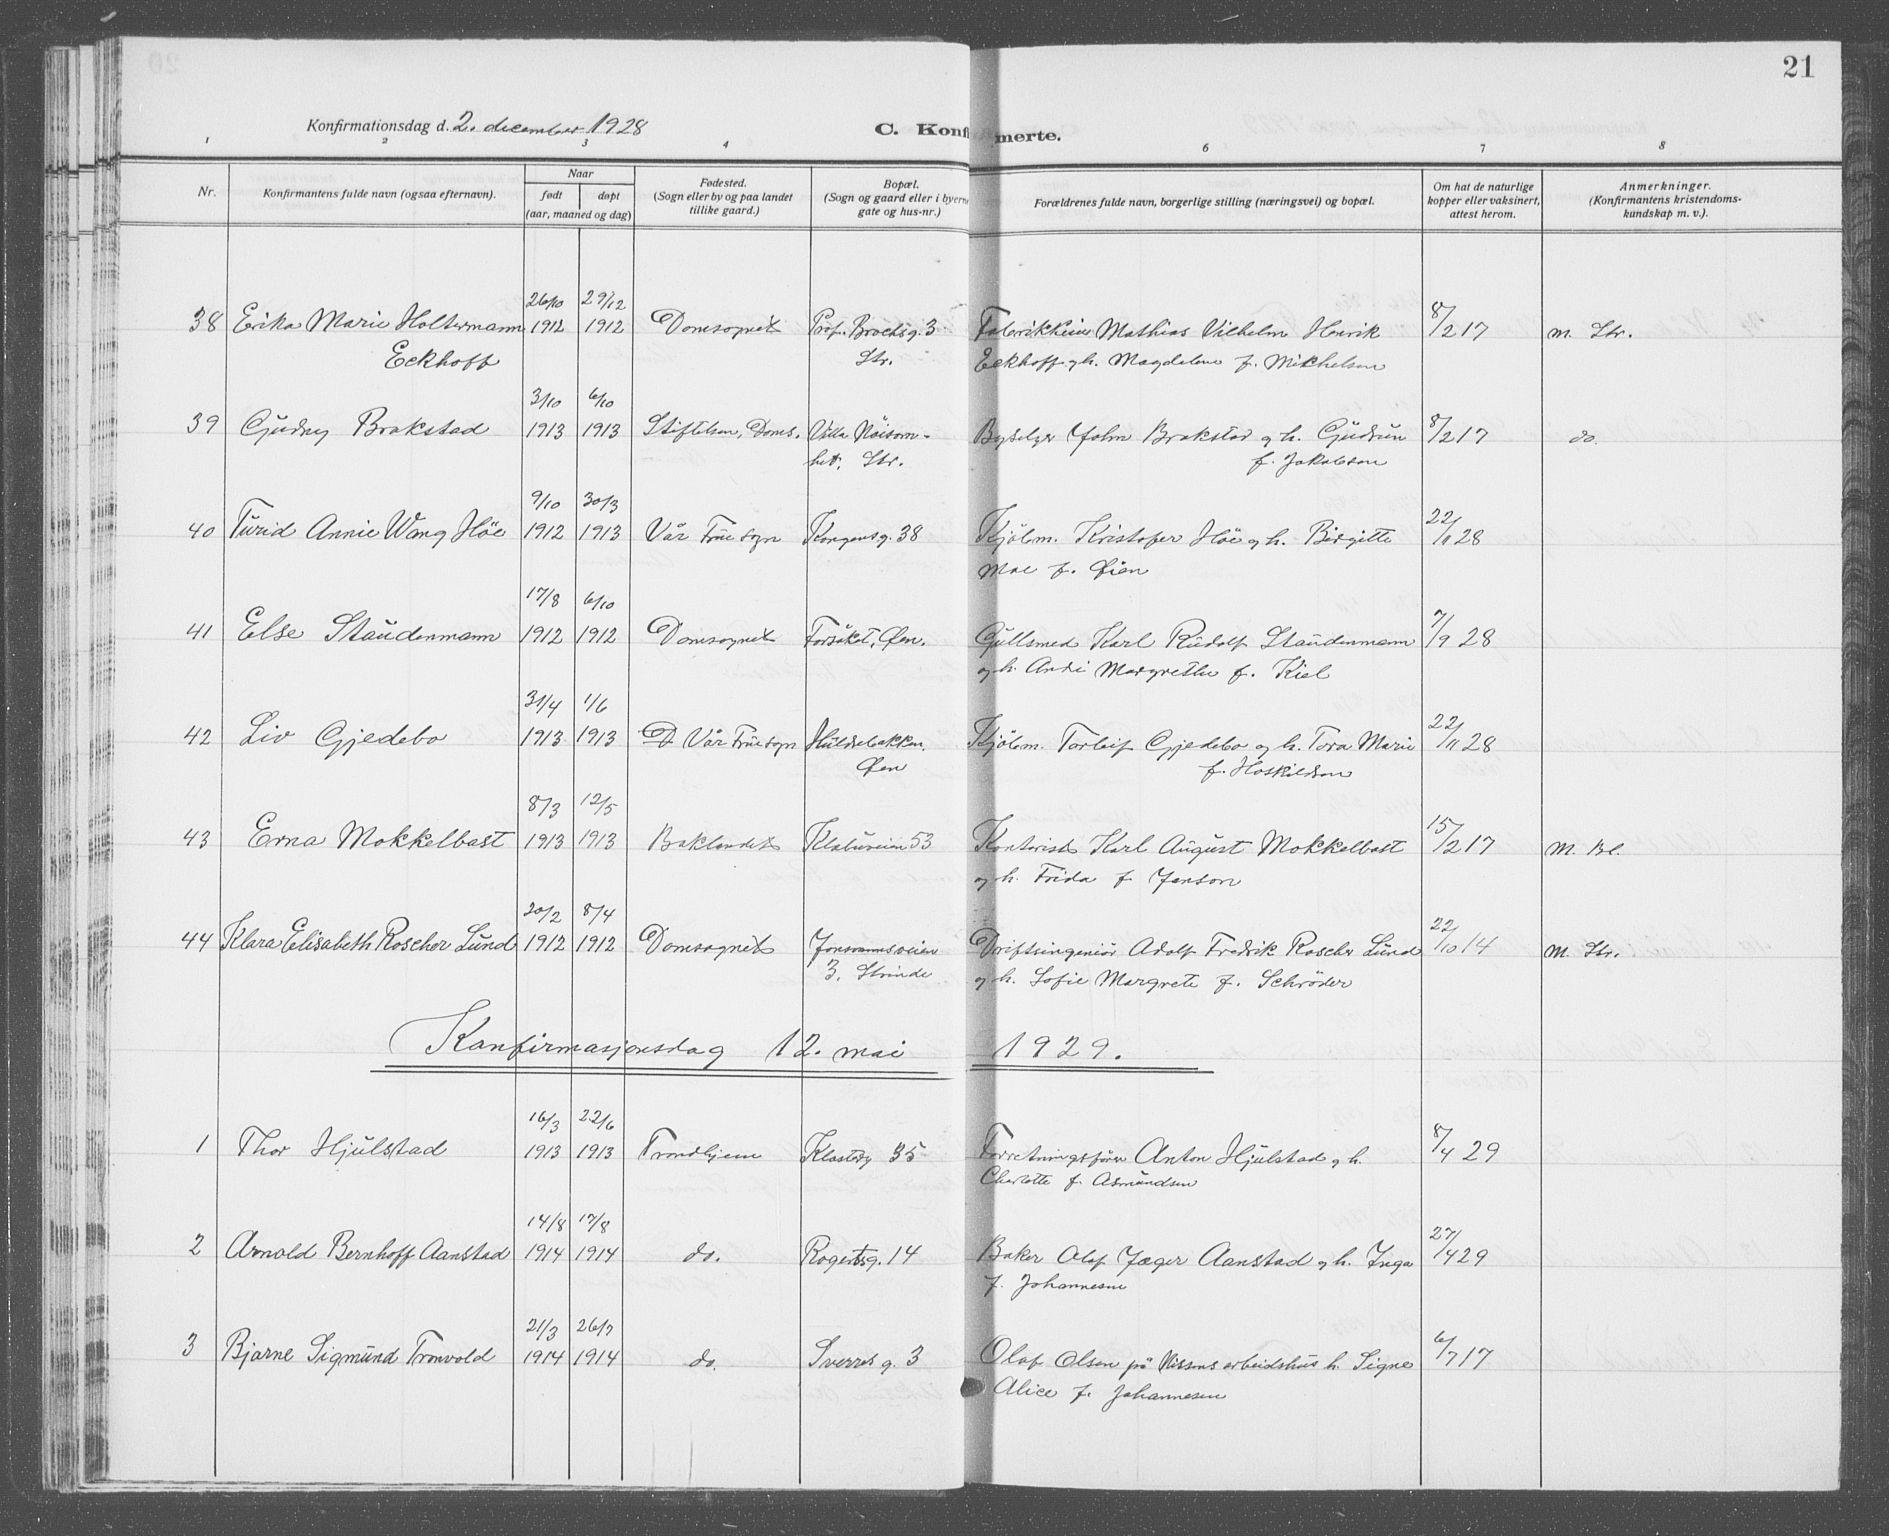 SAT, Ministerialprotokoller, klokkerbøker og fødselsregistre - Sør-Trøndelag, 601/L0099: Klokkerbok nr. 601C17, 1928-1941, s. 21